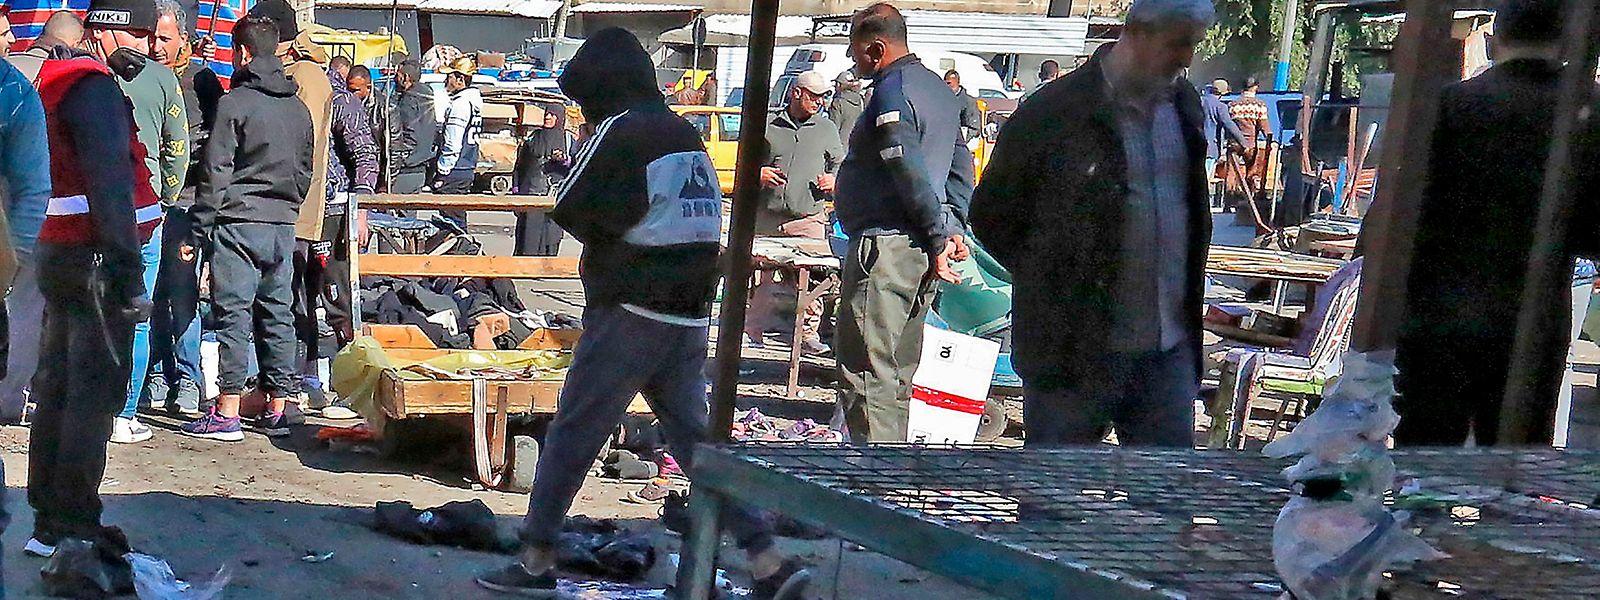 Videos von den Augenblicken nach den Explosionen zeigten mehrere Tote und Verletzte auf einem Marktplatz liegend.